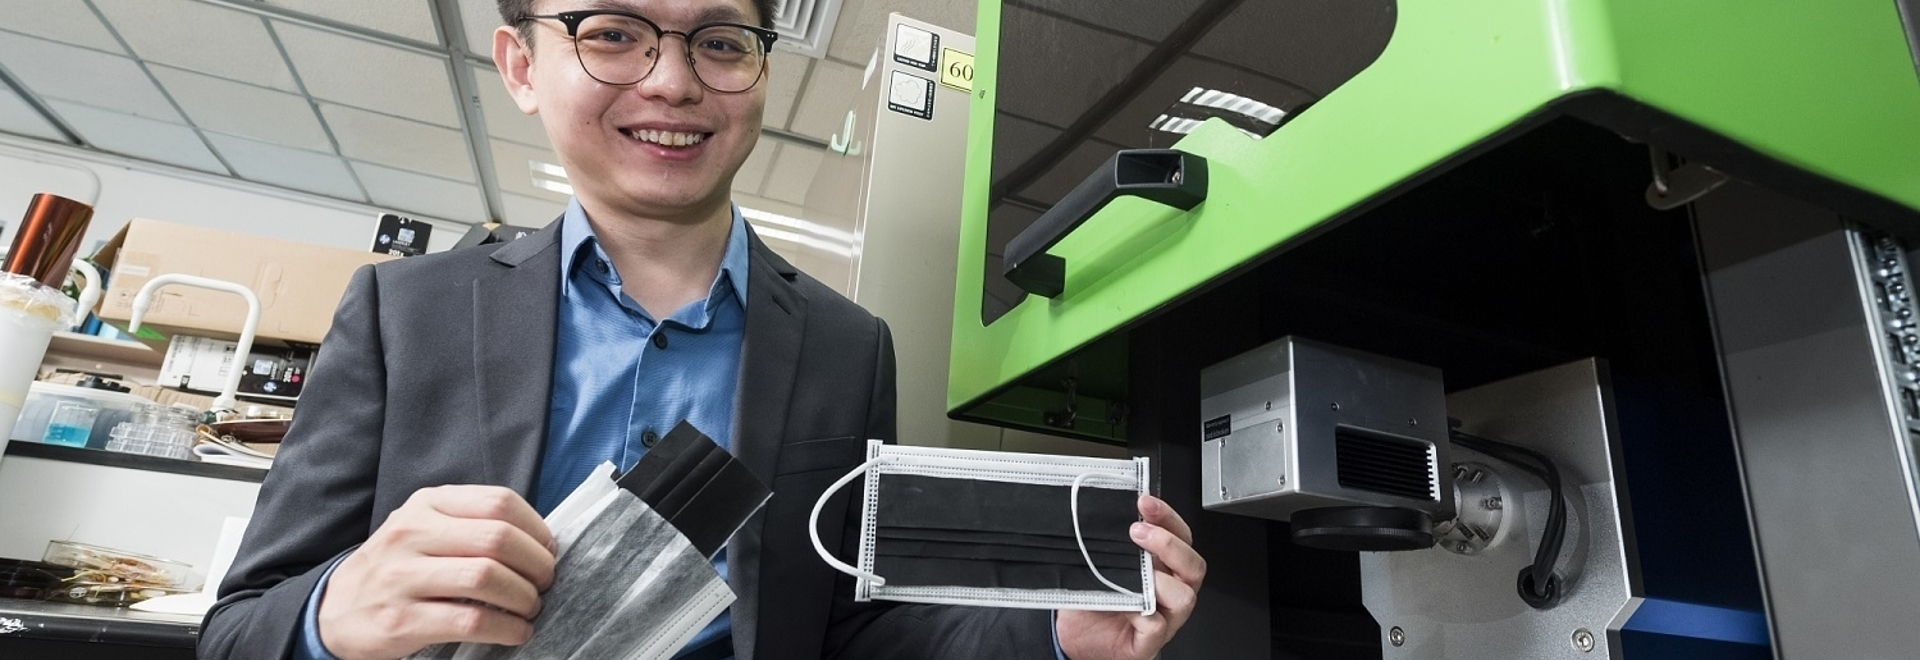 Gli scienziati della City University di Hong Kong hanno utilizzato il grafene per sviluppare una maschera facciale antibatterica che ha il potenziale per combattere Covid-19 in modo rapido, economi...